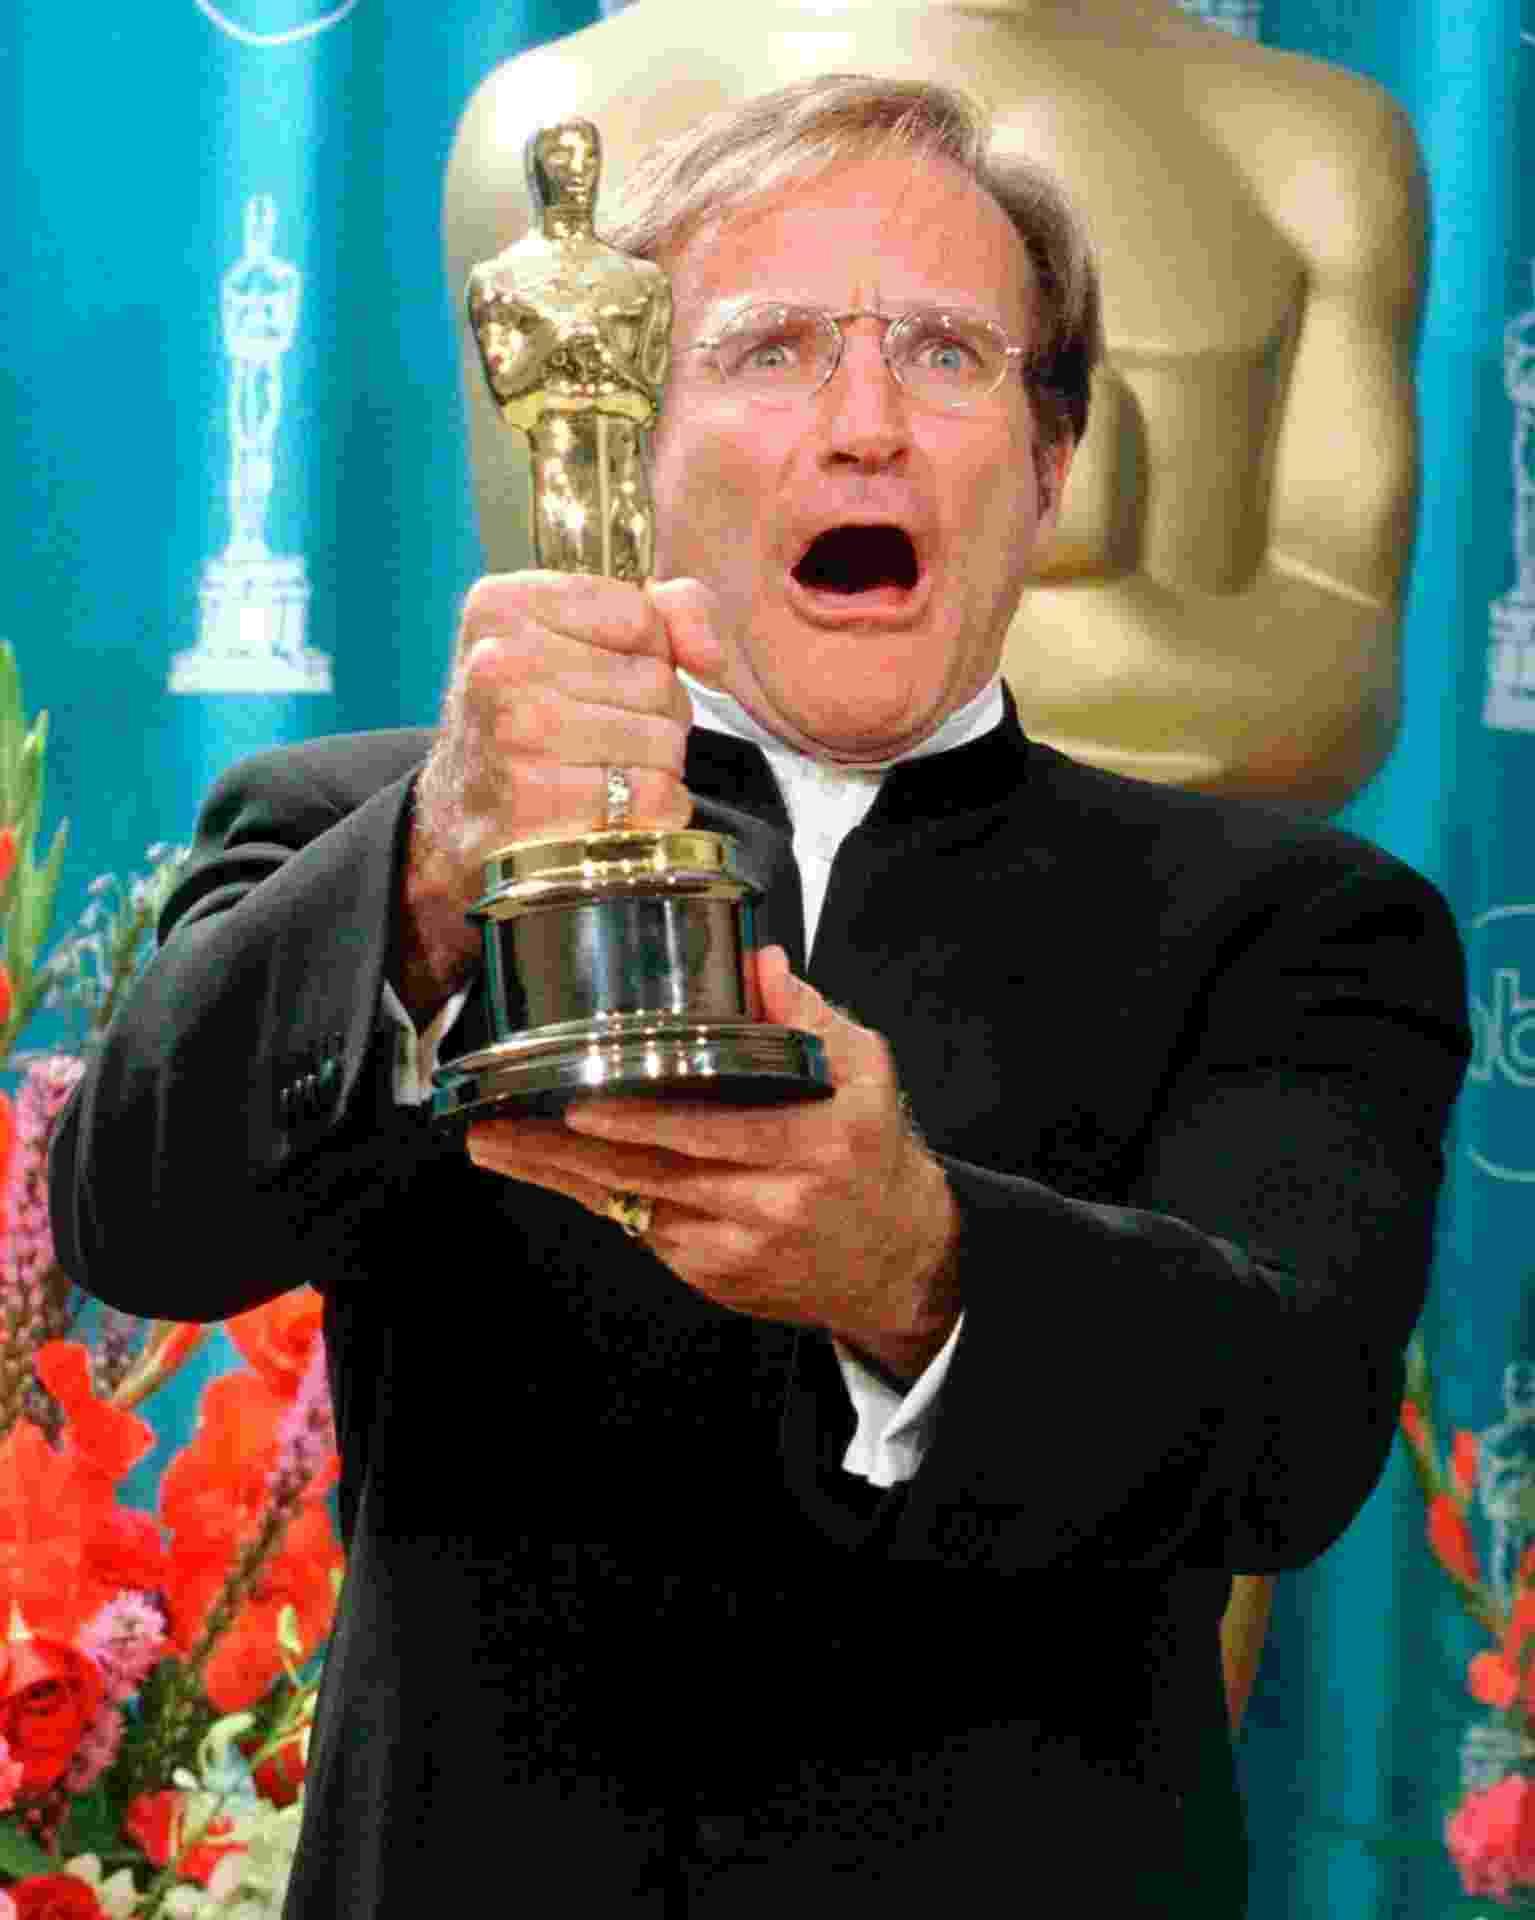 """Em 23 de março de 199, Robin Williams festejou o Oscar na categoria de de Melhor Performance de Ator Coadjuvante por seu papel em """"Gênio Indoomável"""" - REUTERS / Sam Mircovich"""